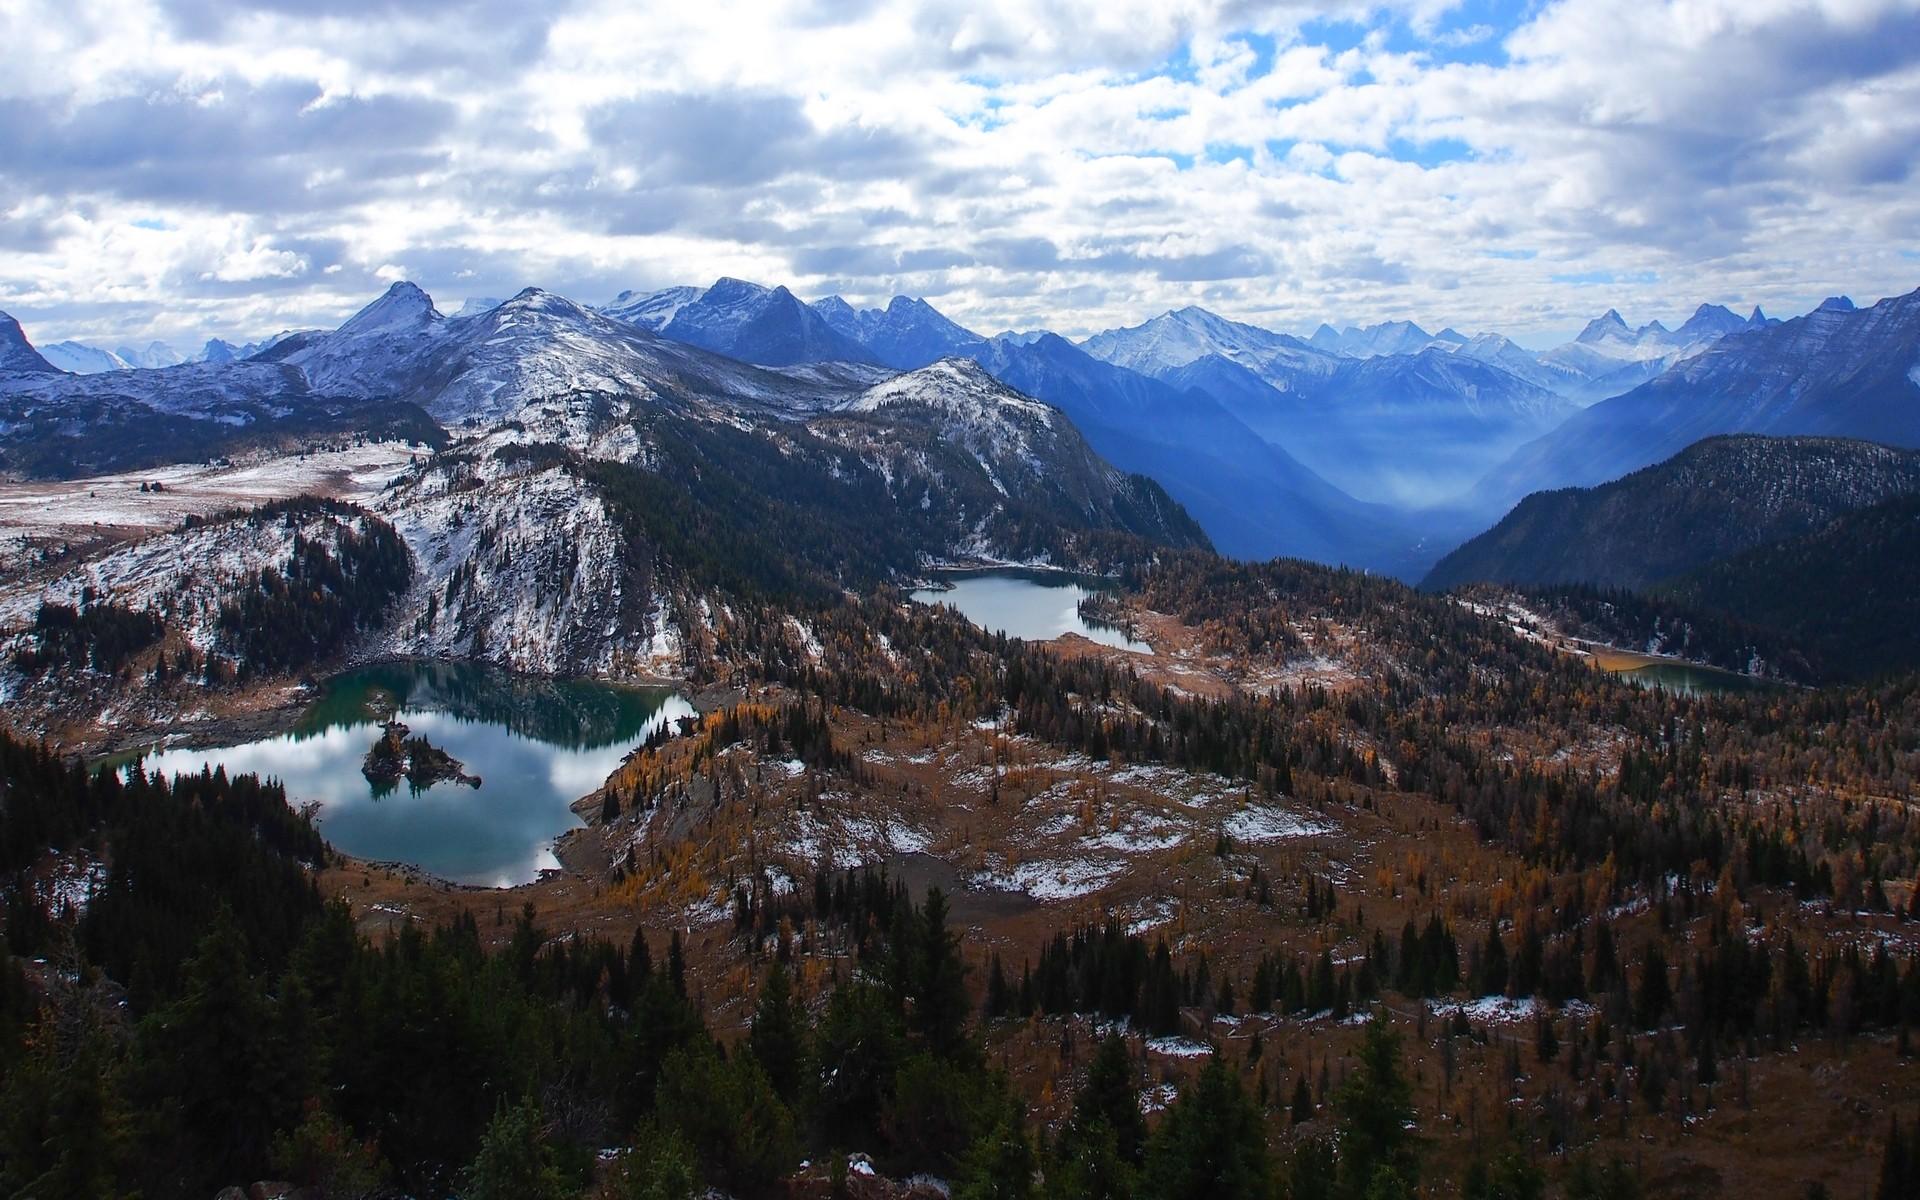 Fondo Escritorio Picos Montañas Nevadas: Fondos De Pantalla : Árboles, Paisaje, Bosque, Otoño